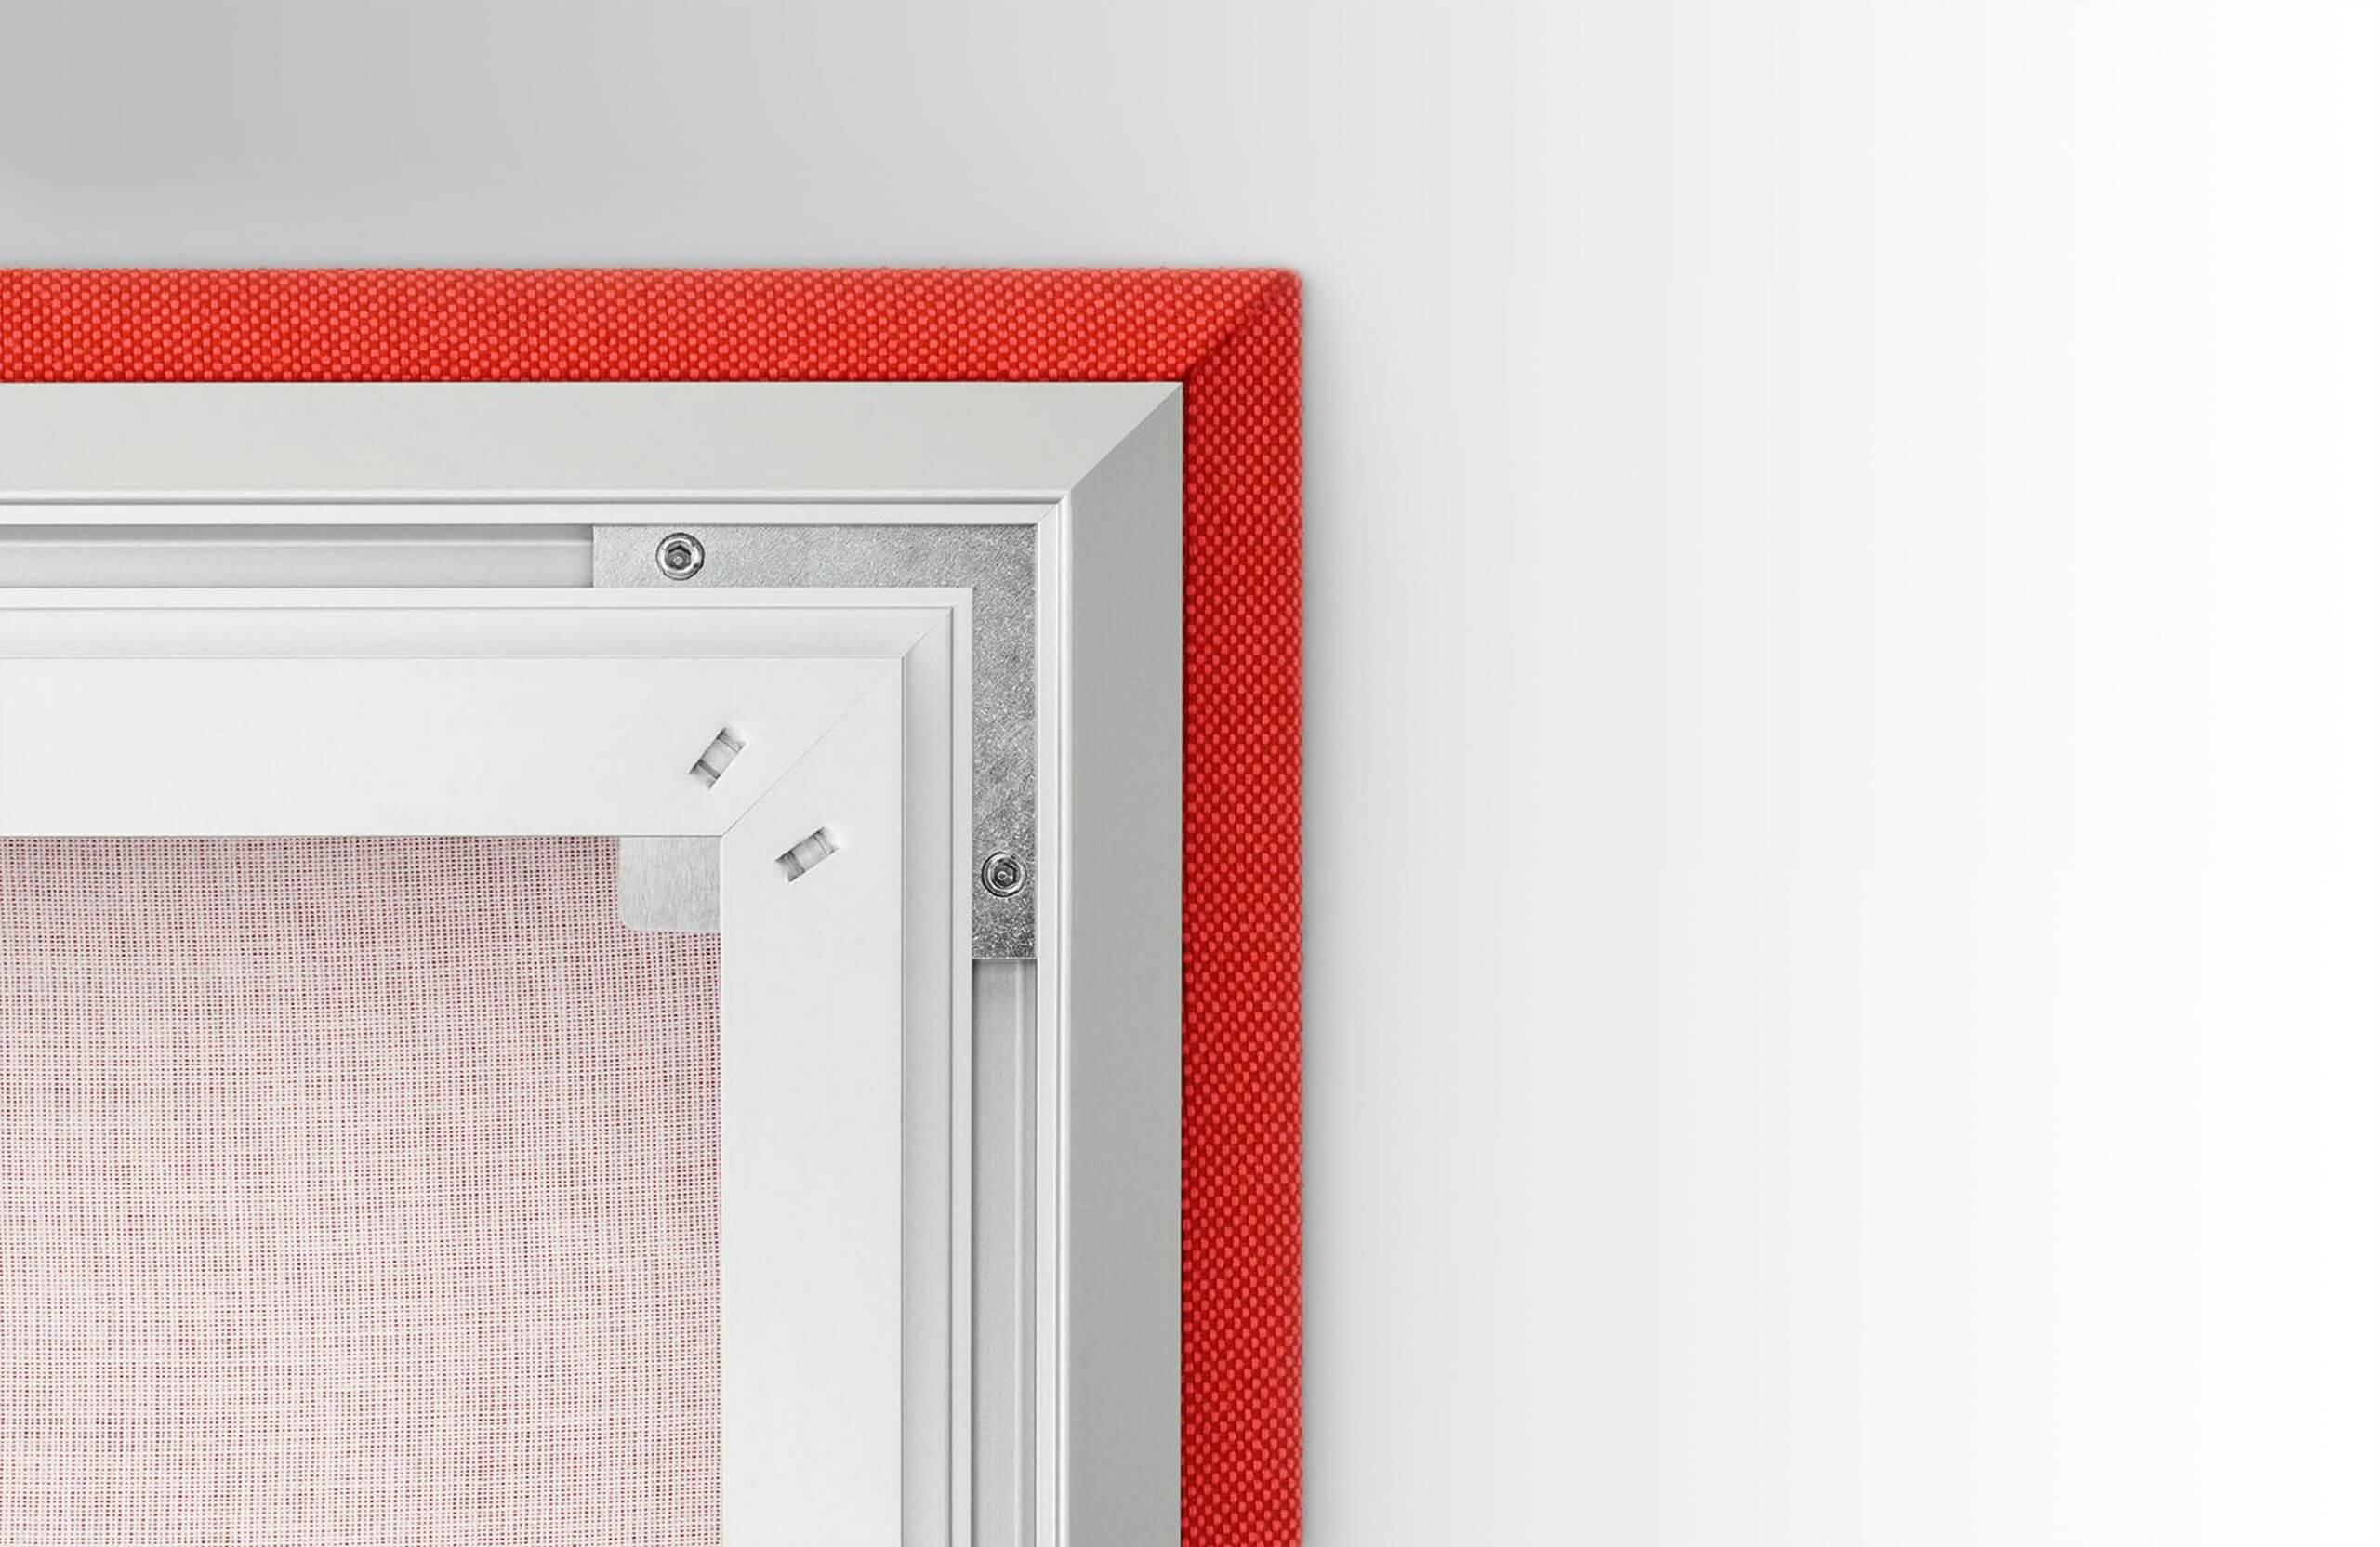 soft-cells-standard-frame-kvadrat-9-18COYqOAFSgldH